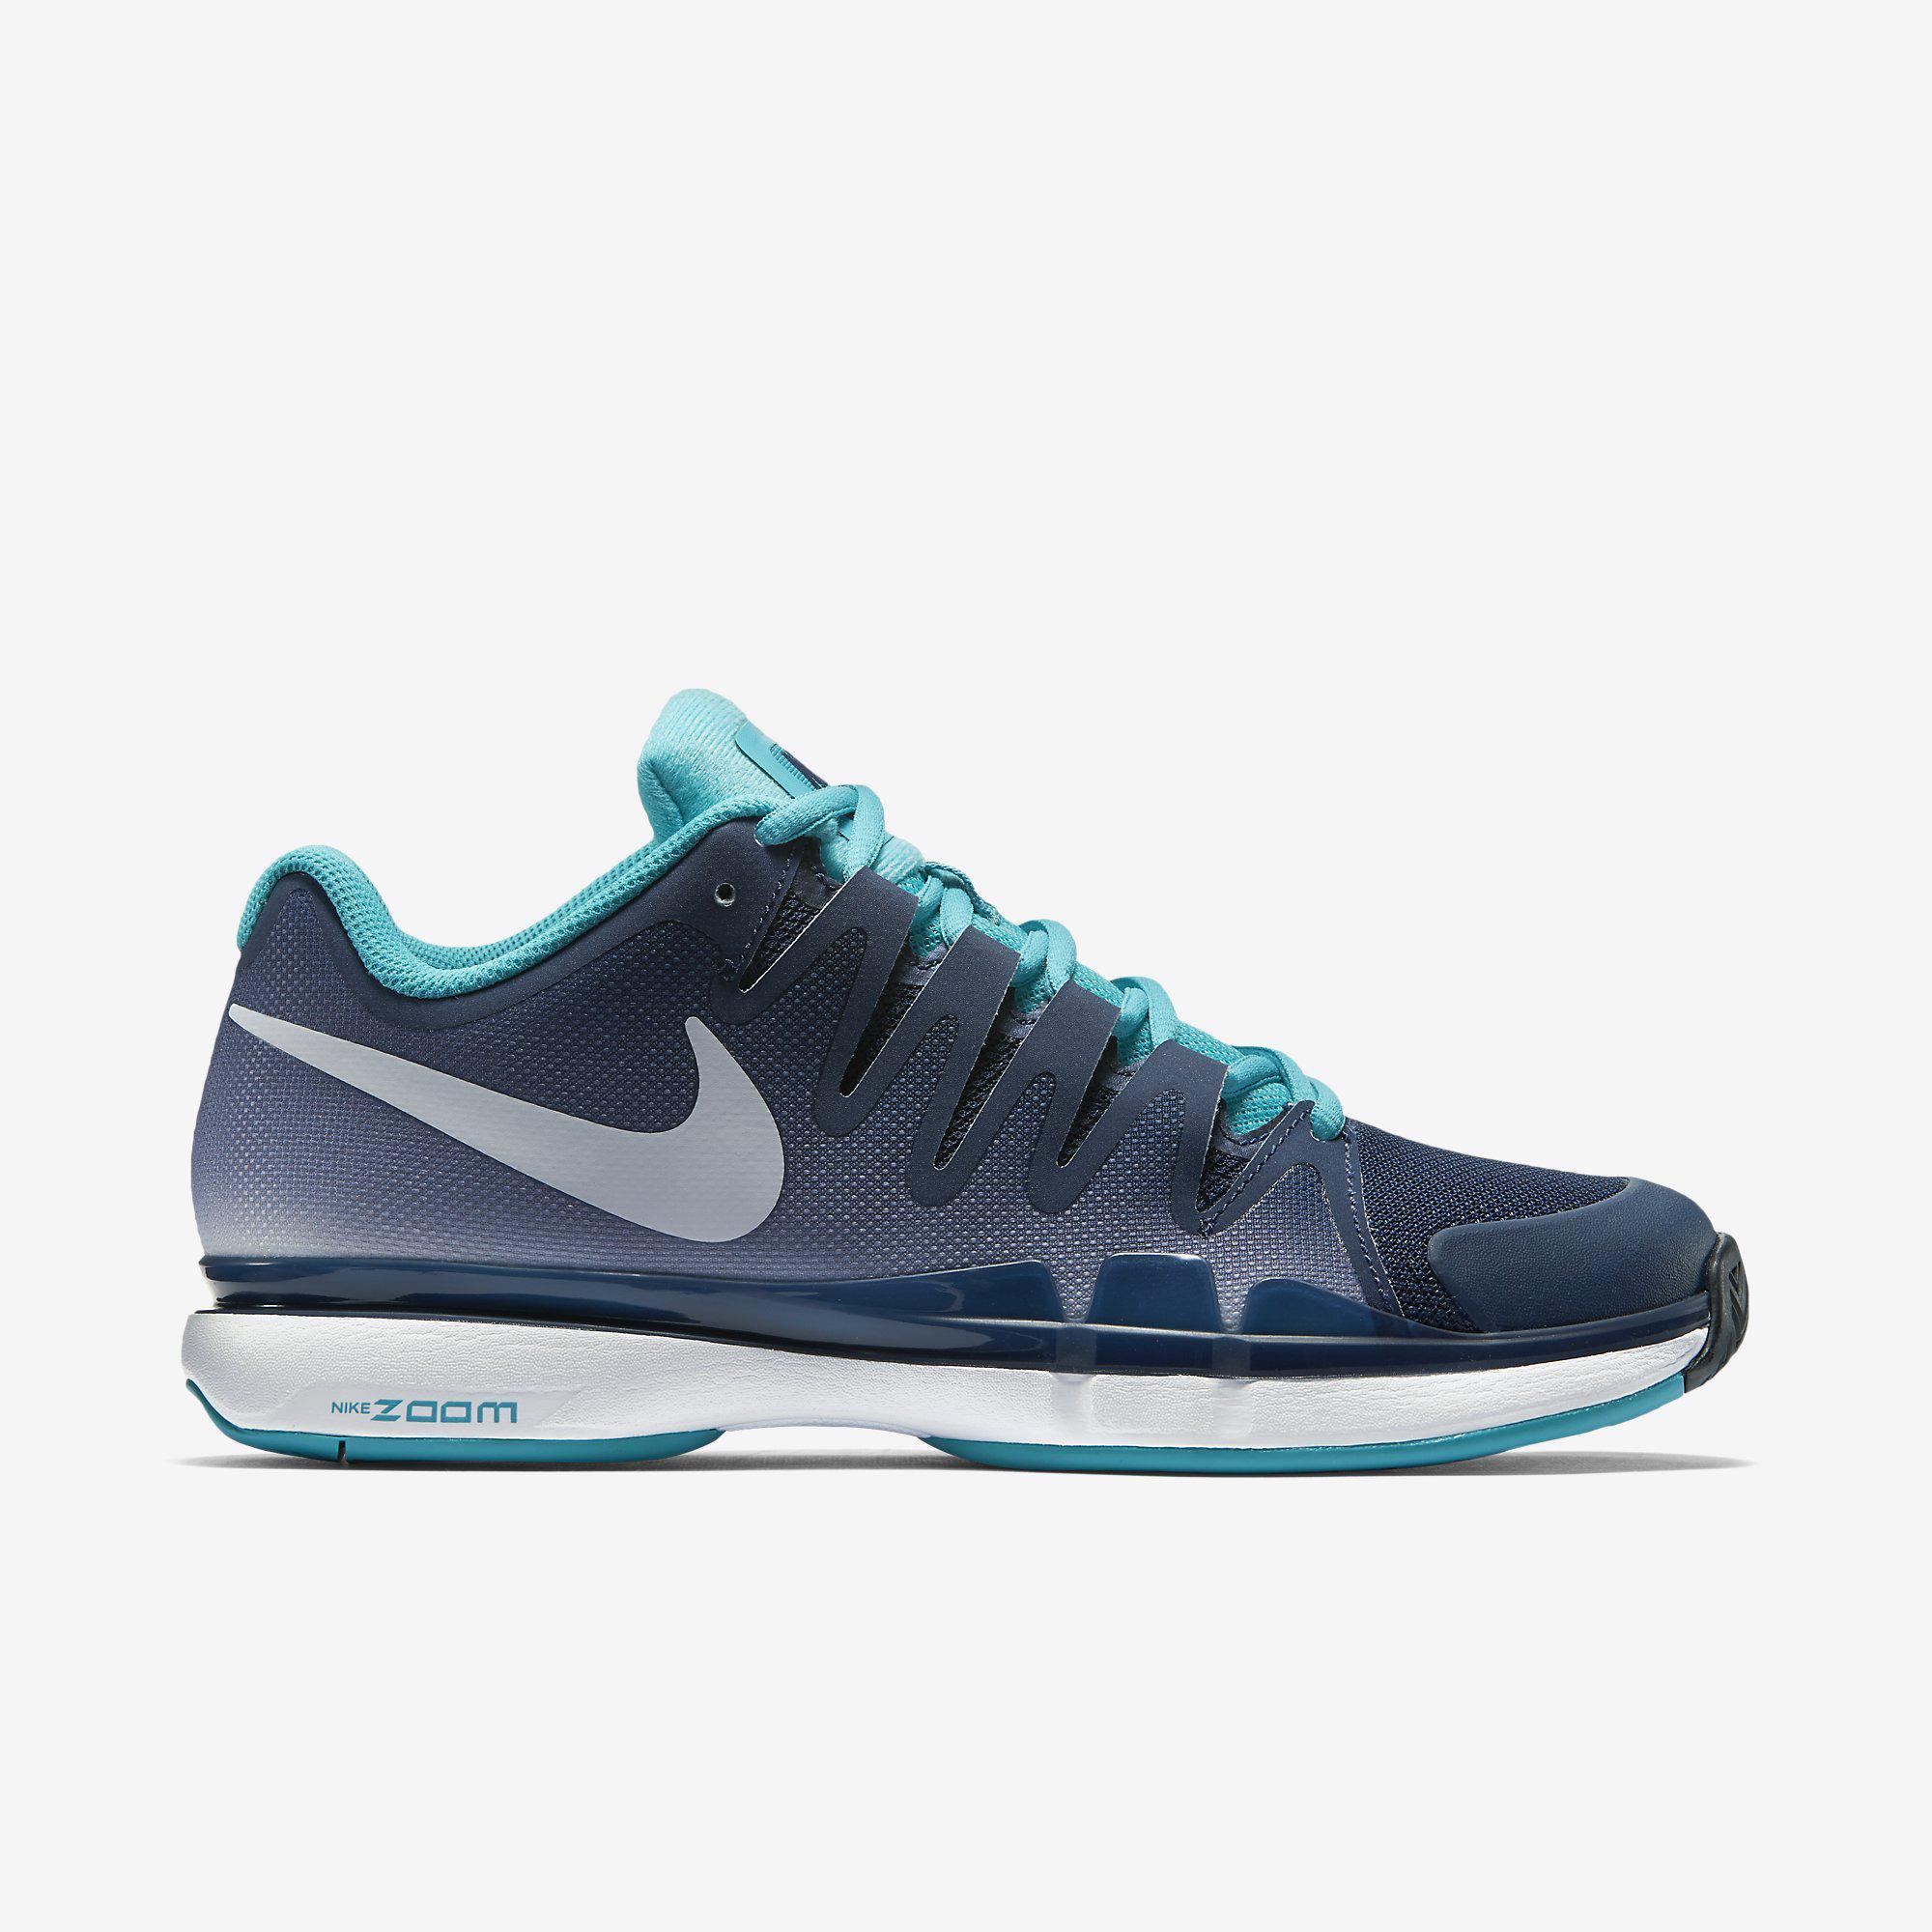 Nike Zoom Hommes Vapeur 9.5 Tour Chaussures De Tennis - Marine De Minuit